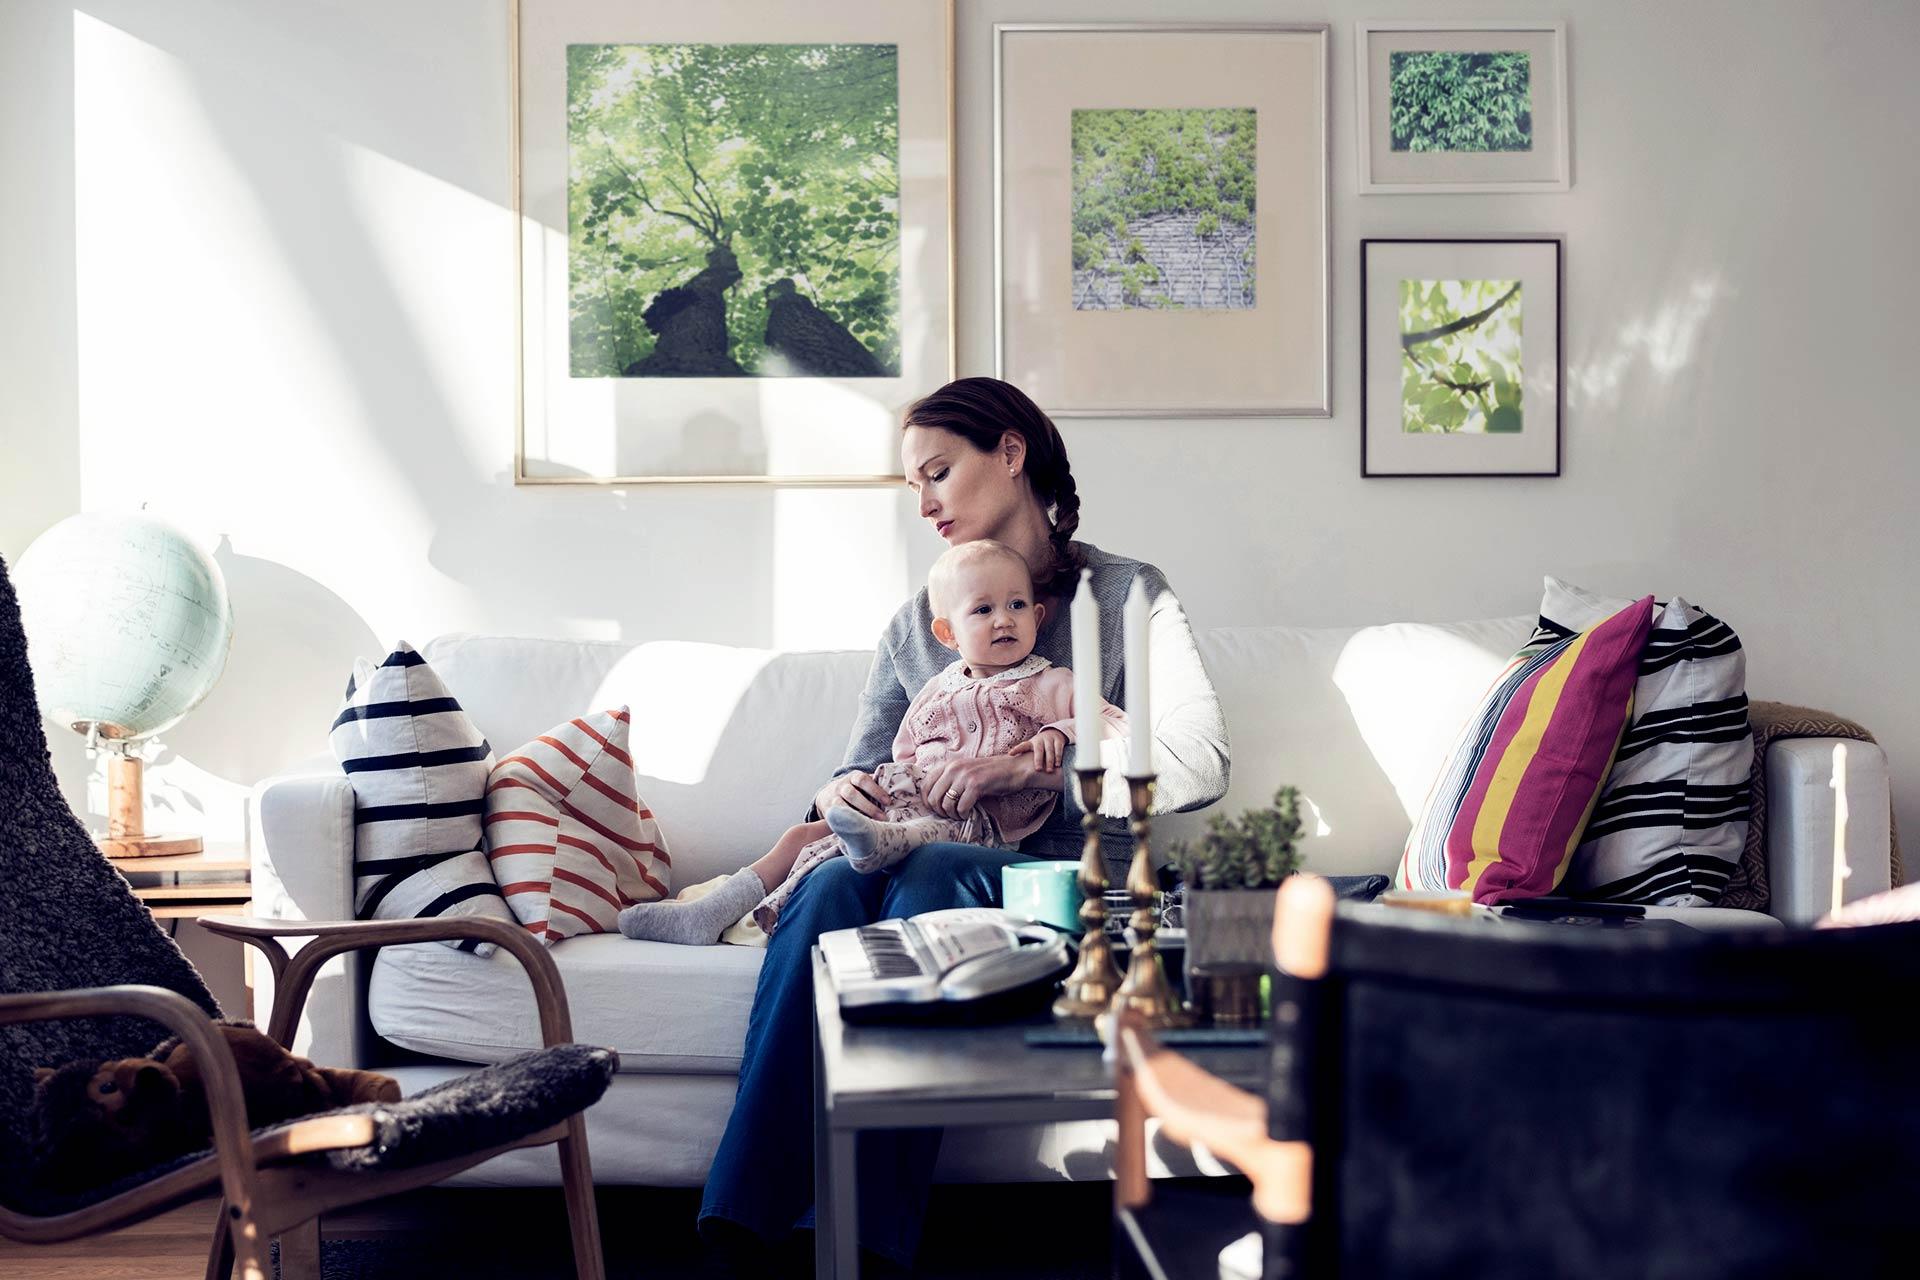 Barnsäkra hemmet - Mäklarhusets barnvänliga checklista! - Mäklarhuset 07c9d6986da49